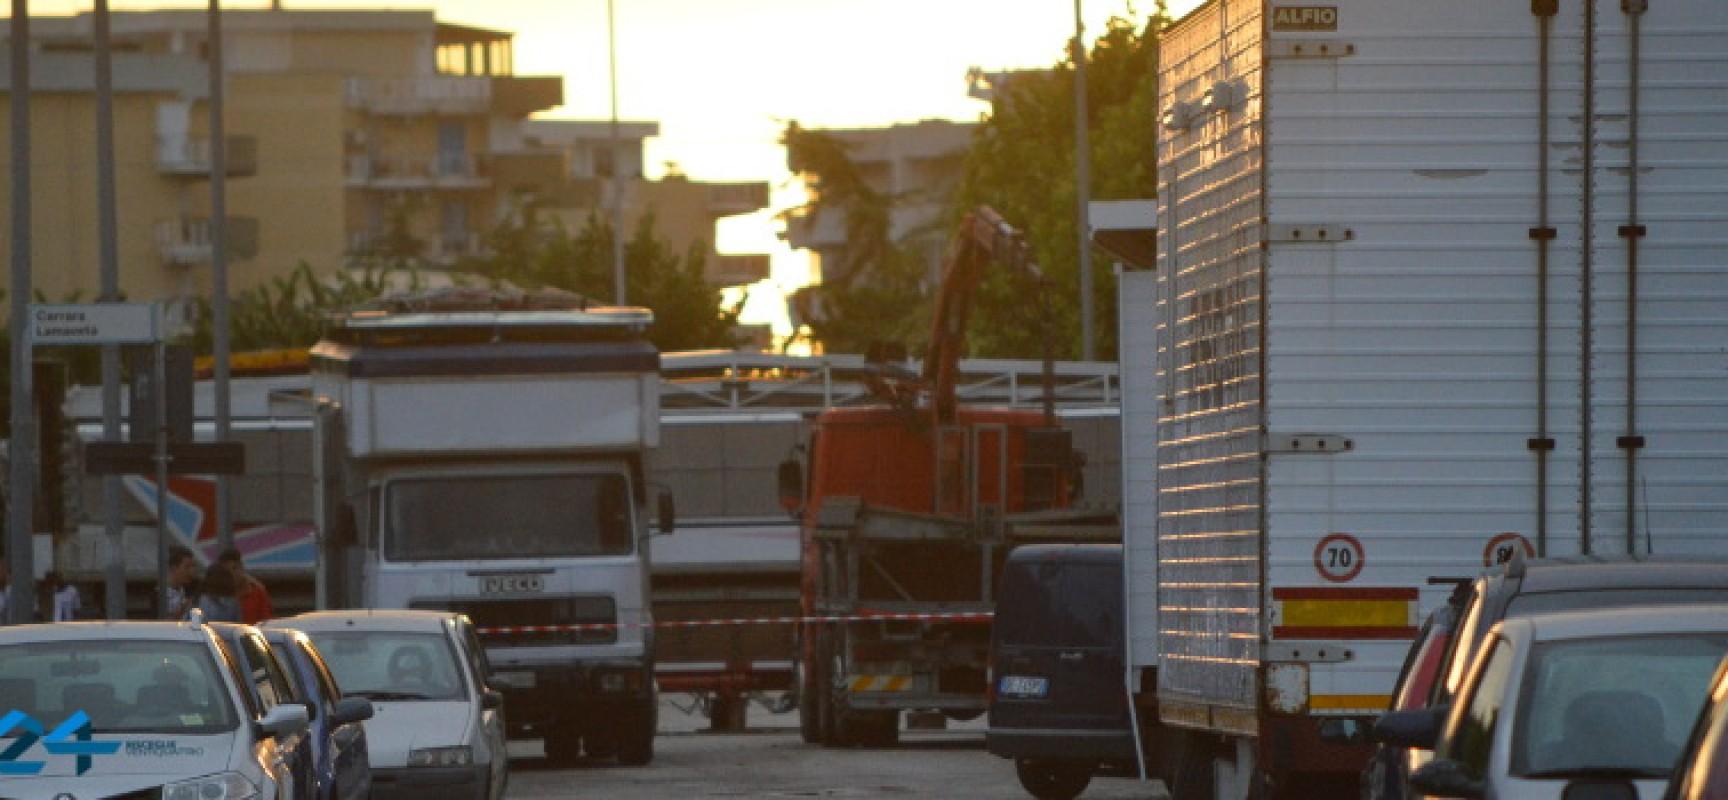 Luna Park di Sant'Andrea, giostre e roulotte occupano strade e marciapiedi. Il disagio dei residenti /FOTO